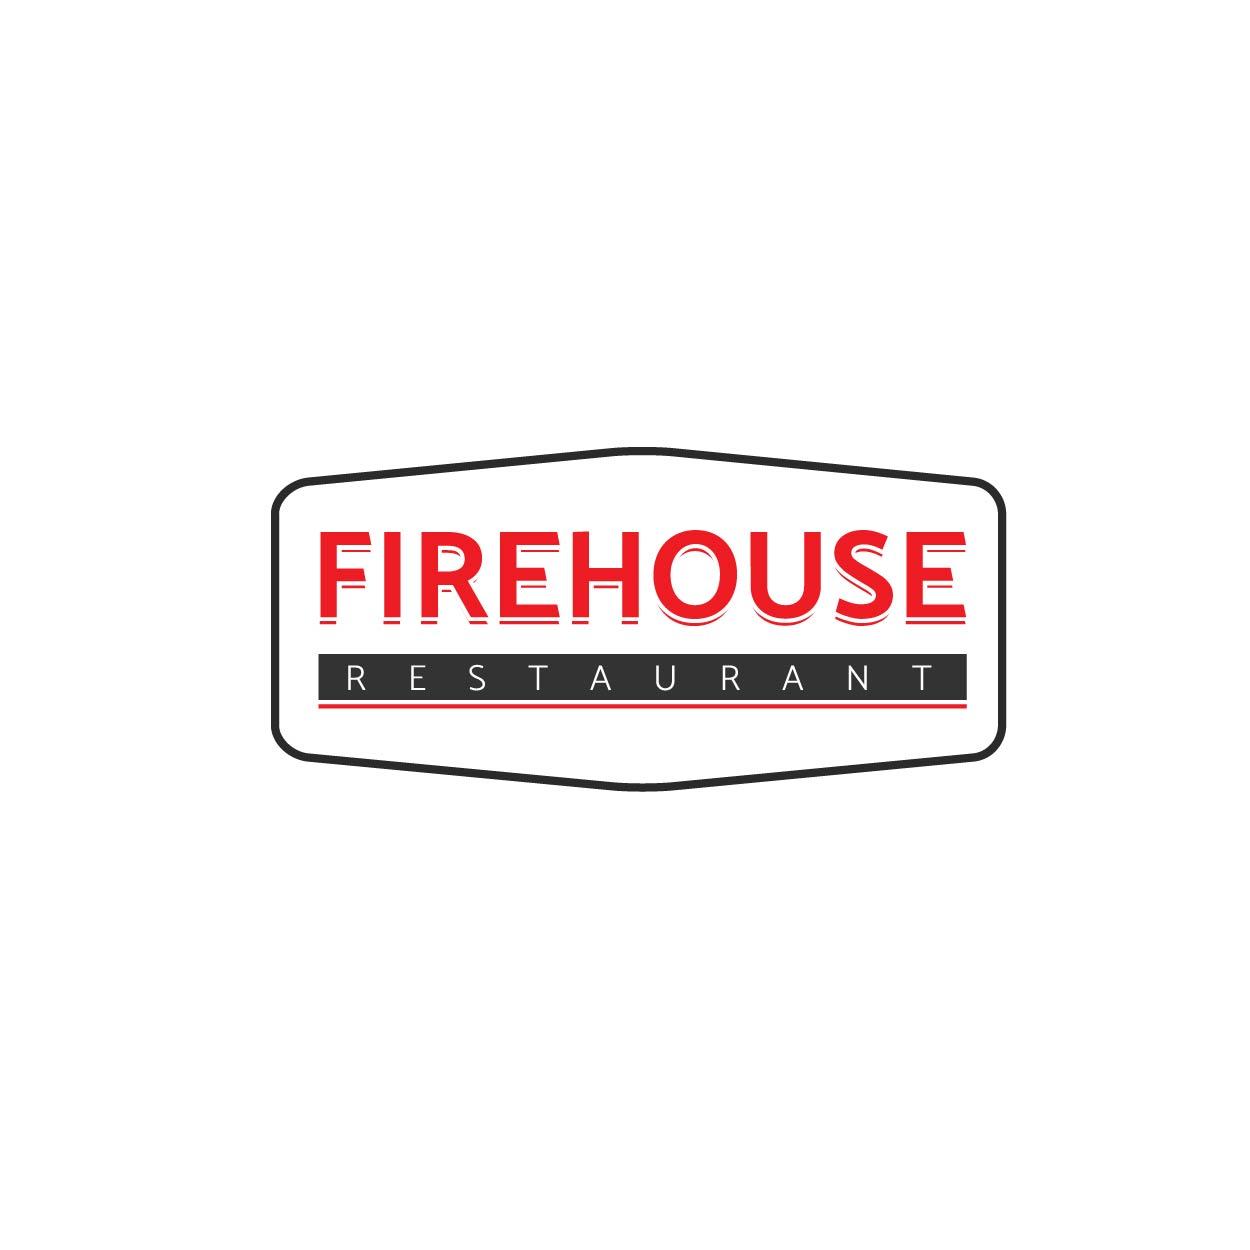 Bold, Modern, Restaurant Logo Design for Firehouse or.